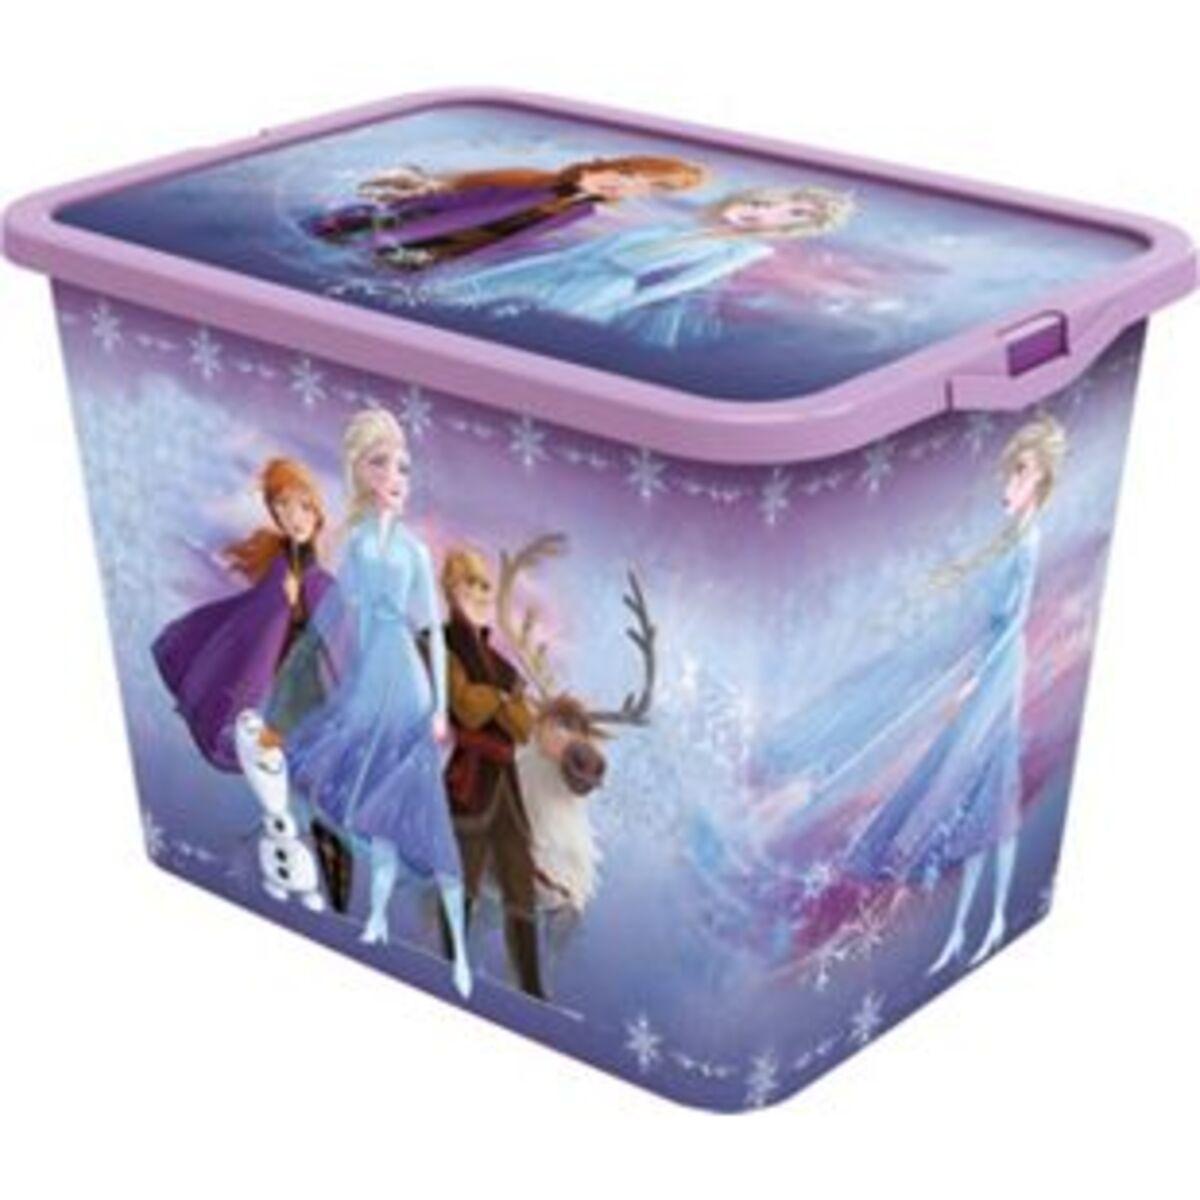 Bild 2 von Mickey/Minnie Aufbewahrungsbox 23L - Frozen 2